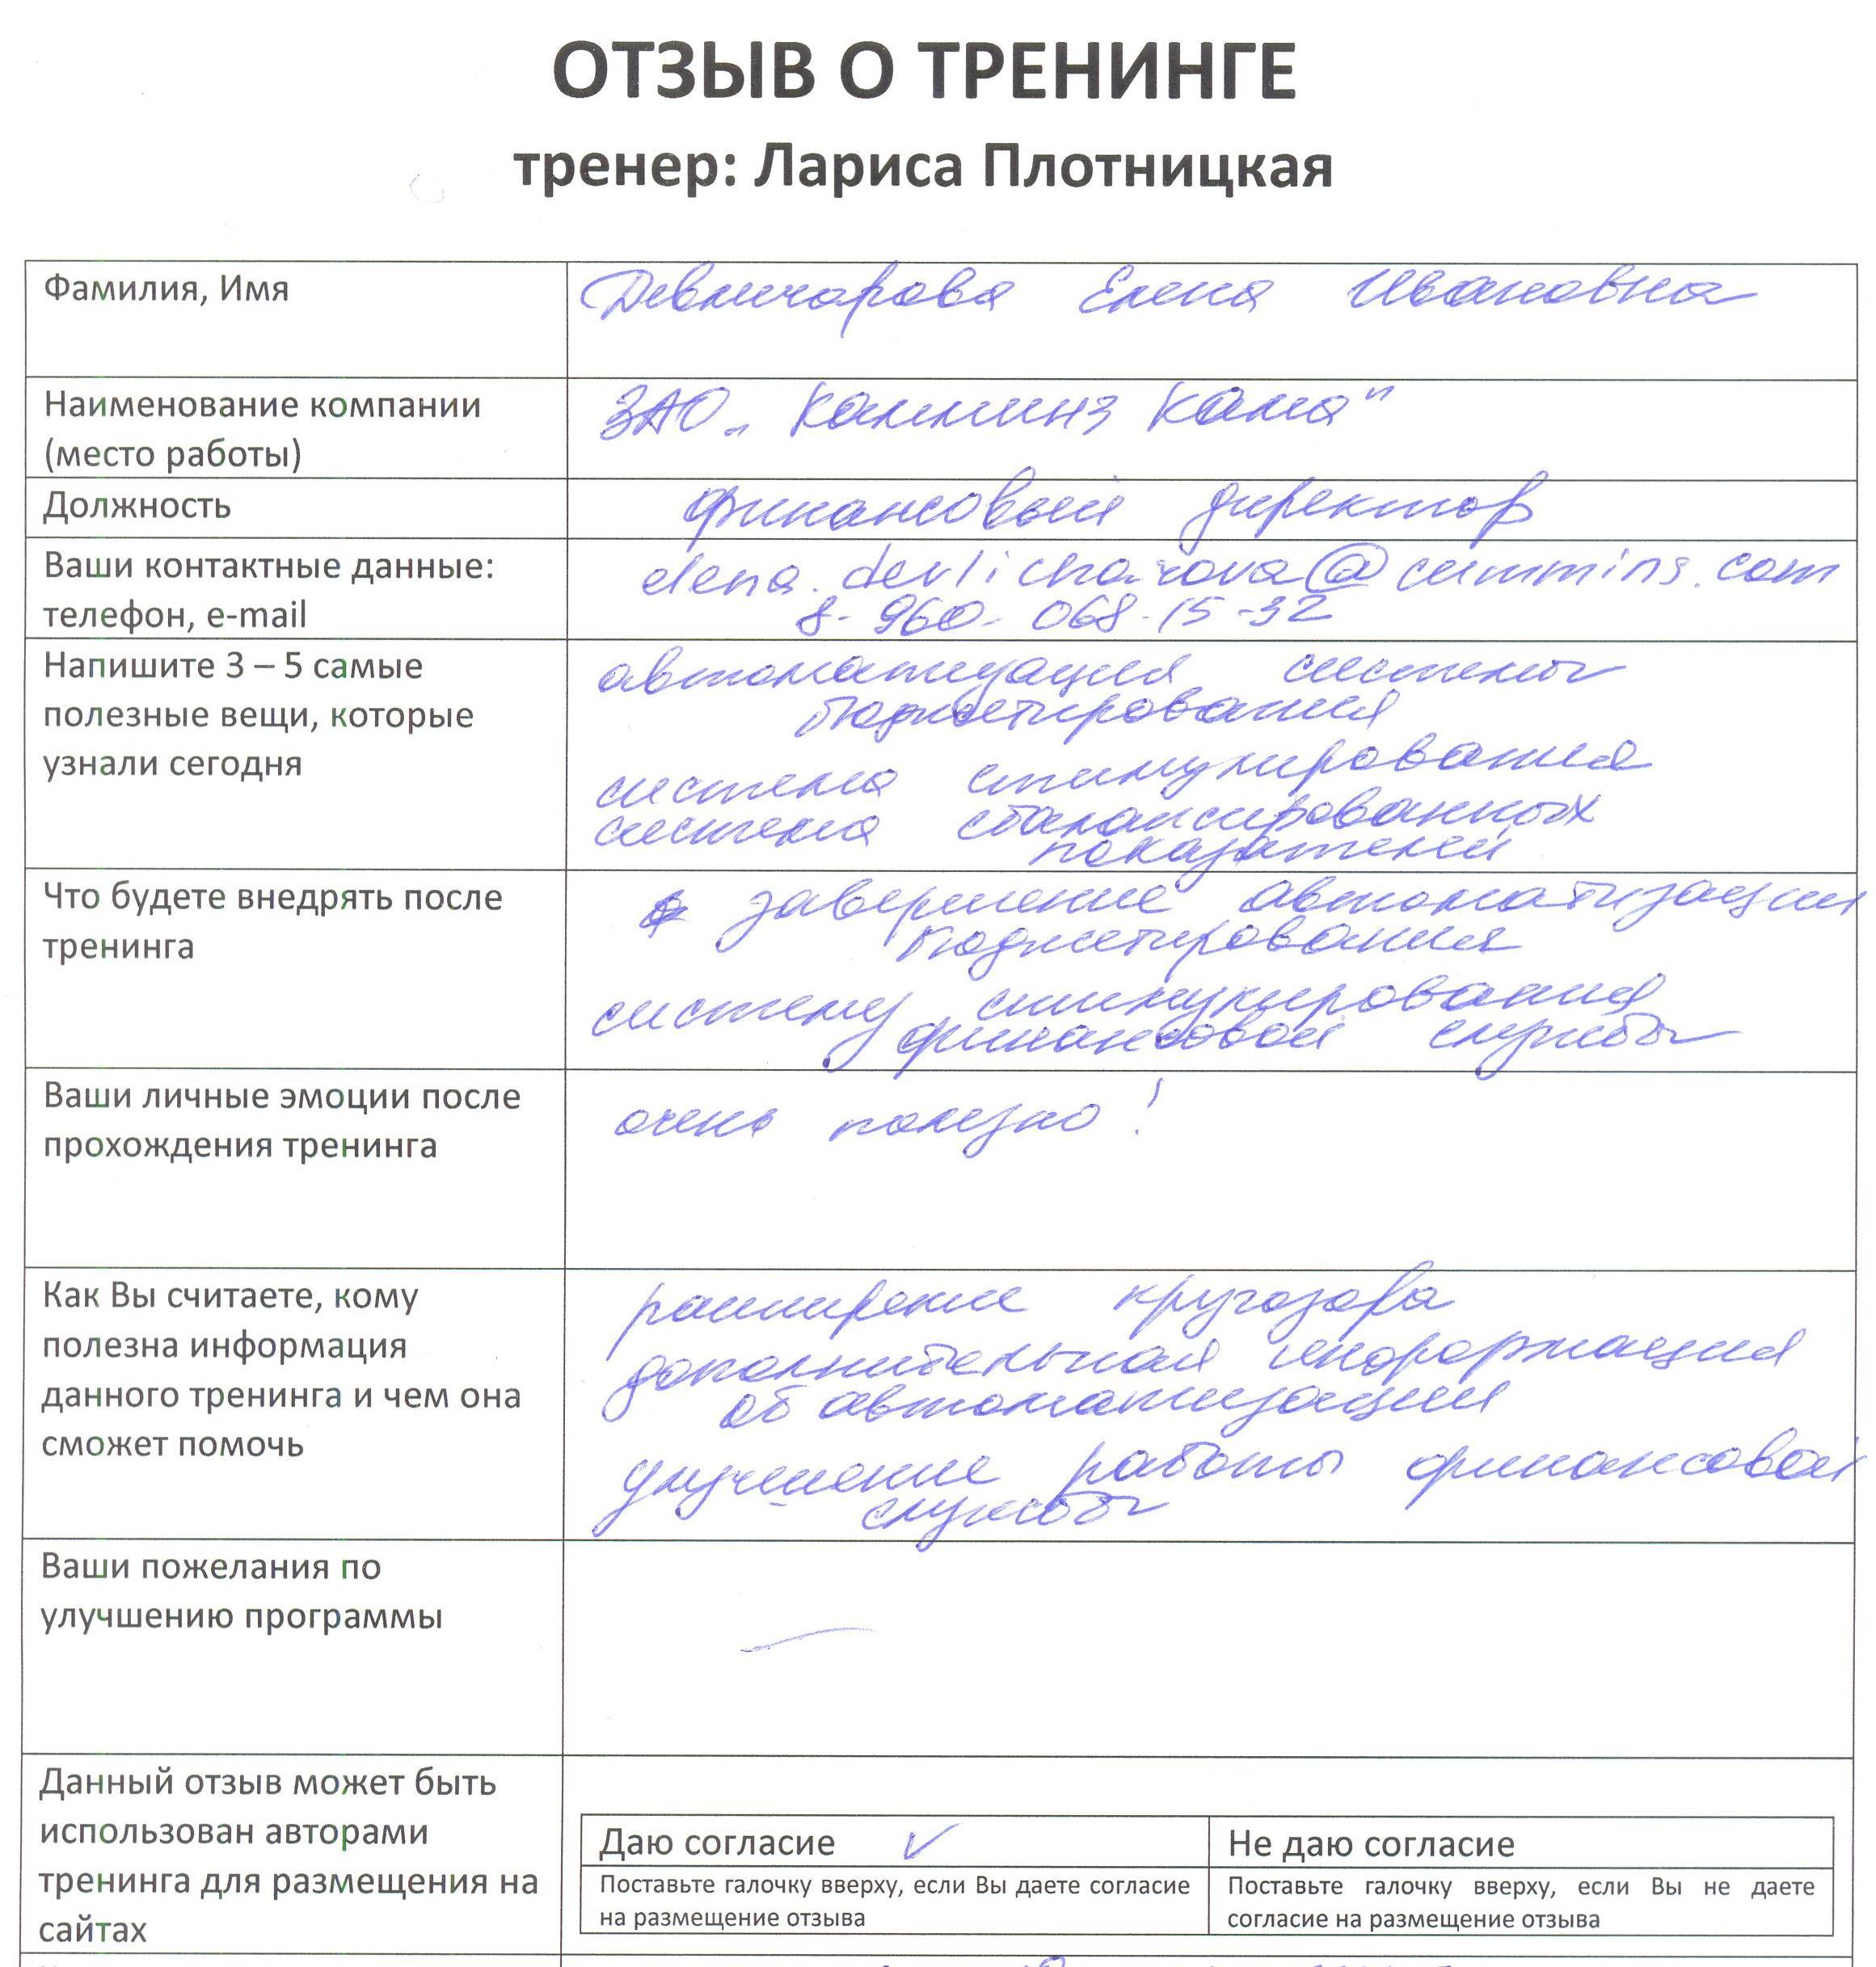 Девличарова Елена